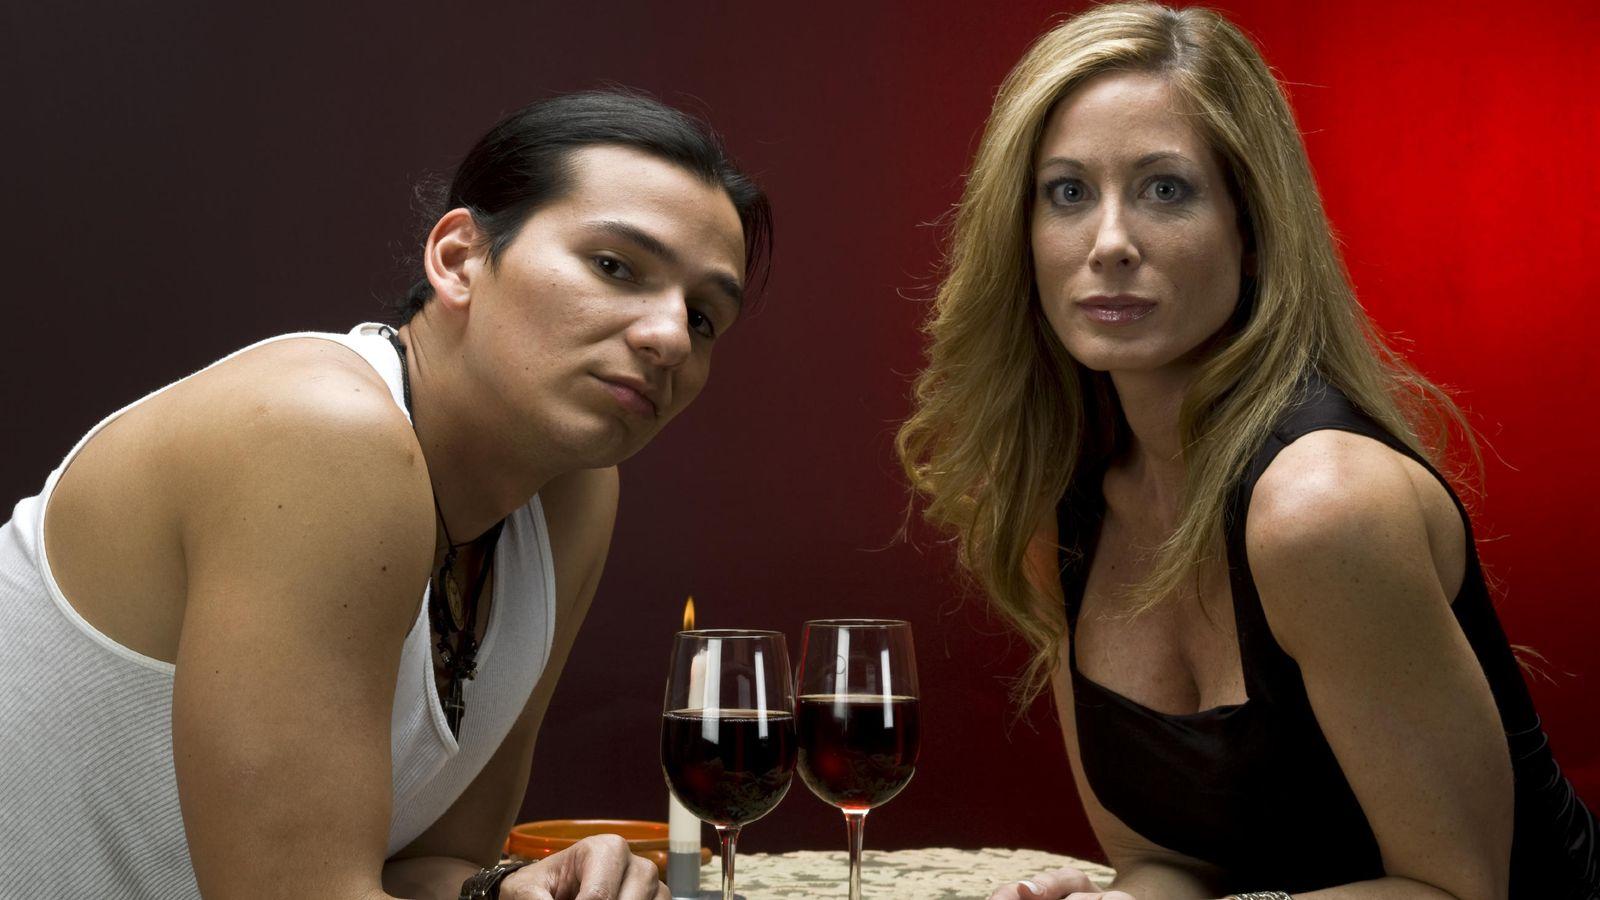 Foto: En inglés se utiliza el término cougar para referirse a las mujeres de mediana edad que salen con hombres más jóvenes. (iStock)